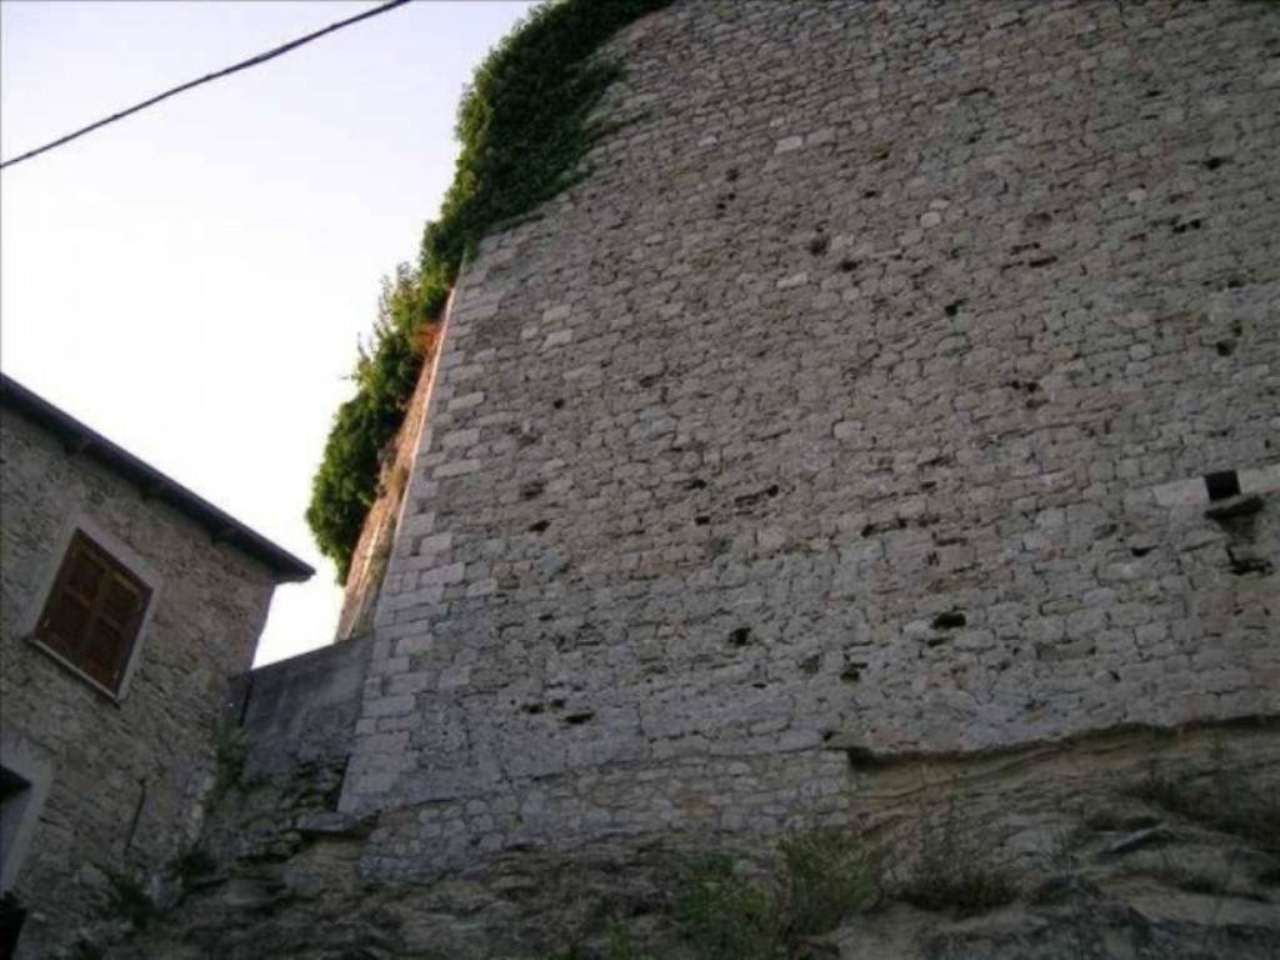 Rustico / Casale in vendita a Carsoli, 2 locali, prezzo € 20.000 | Cambio Casa.it